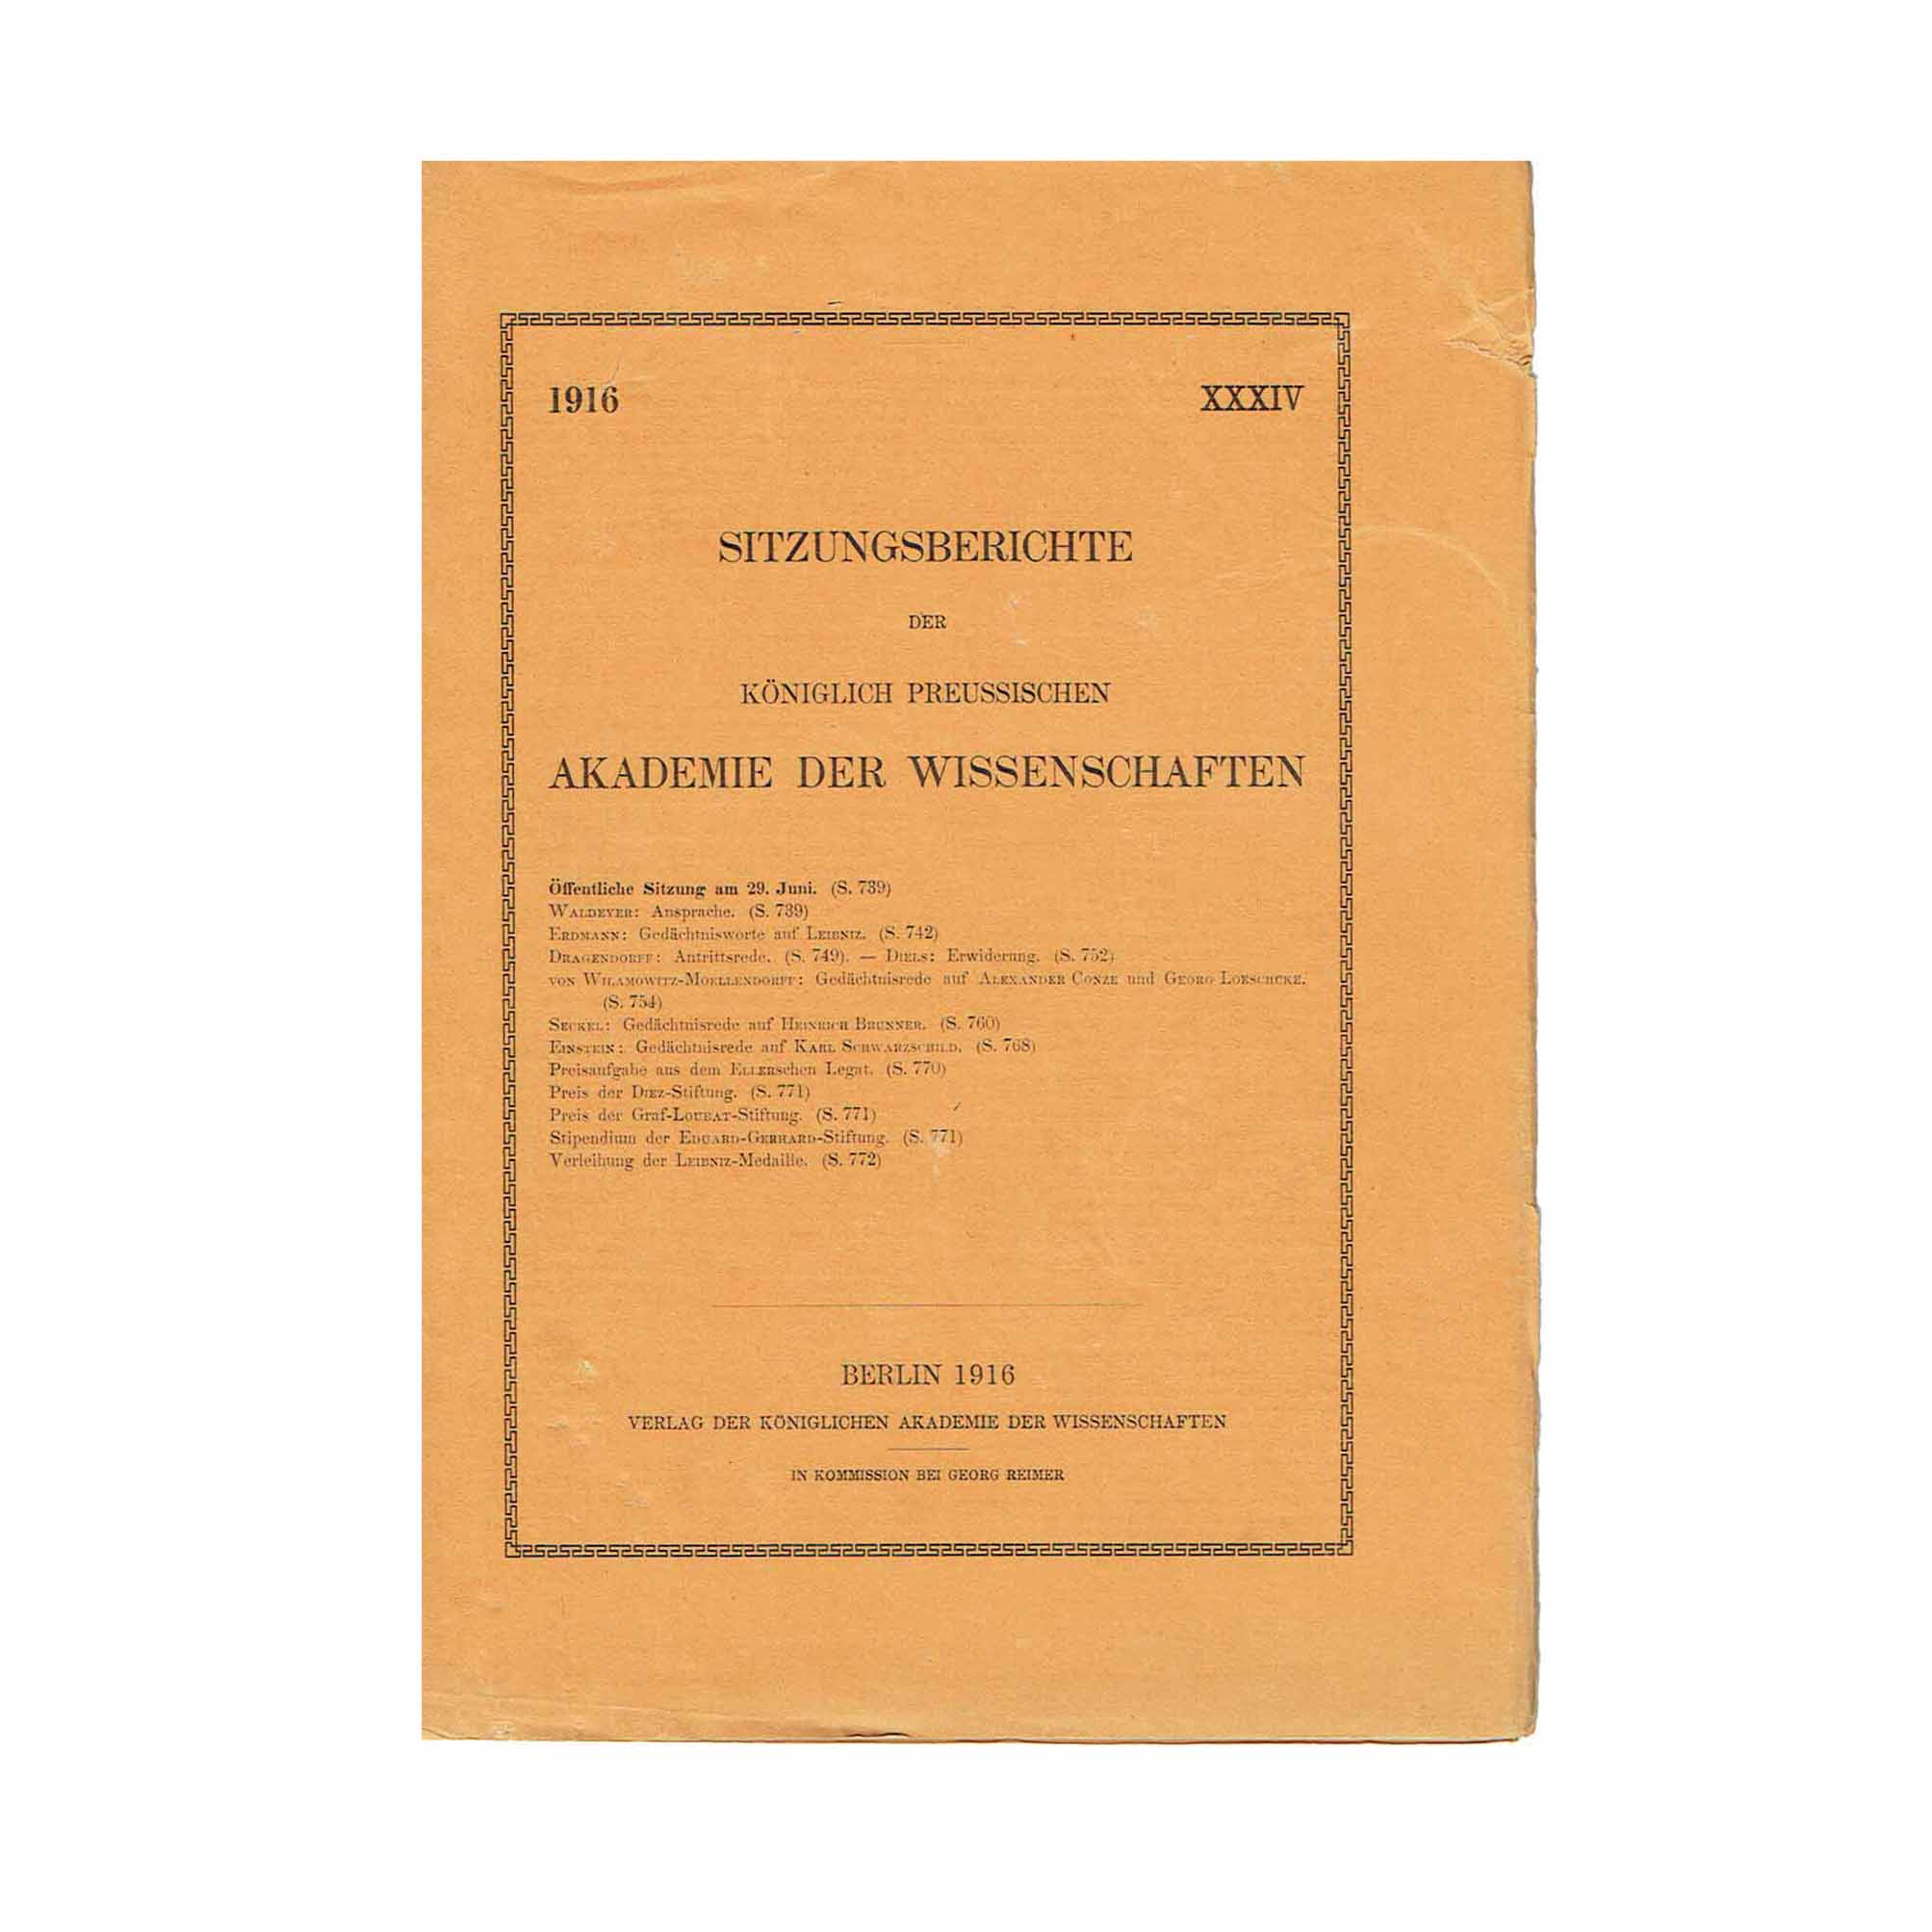 5715-Einstein-Schwarzschild-Akademie-XXXIV-1916-Cover-recto-free-N.jpg